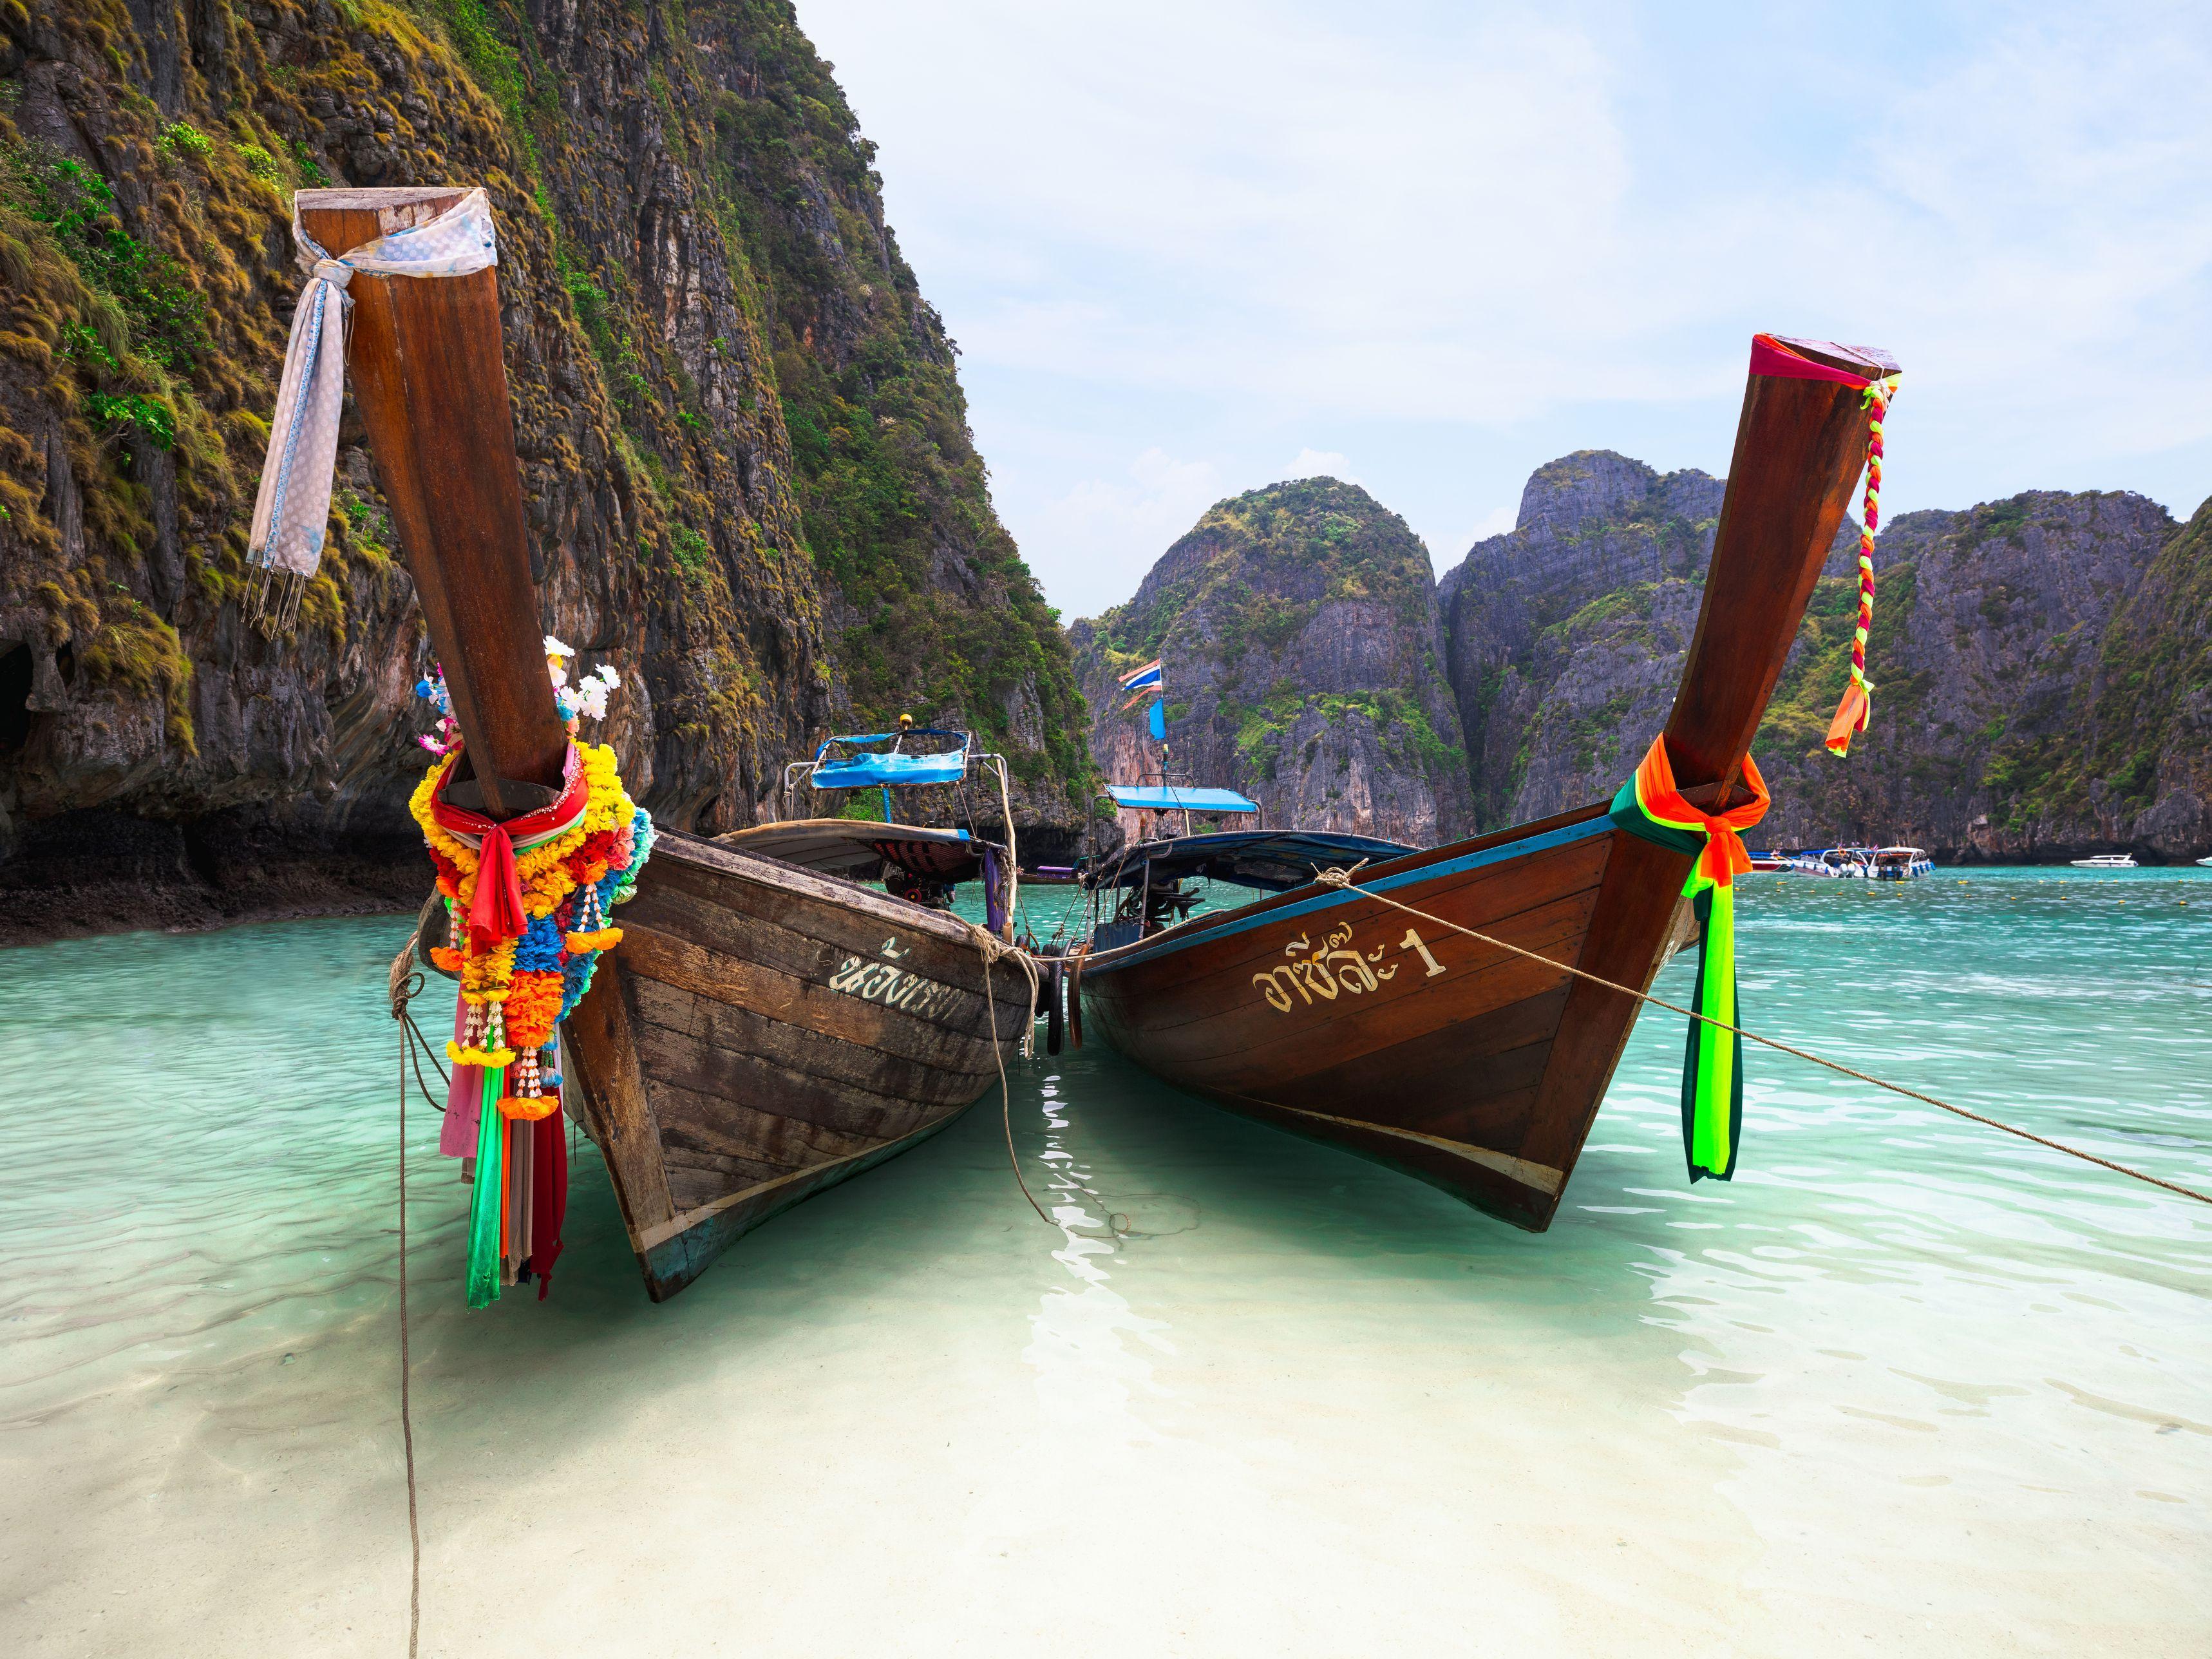 Movies Filmed in Thailand: 10 Popular Films